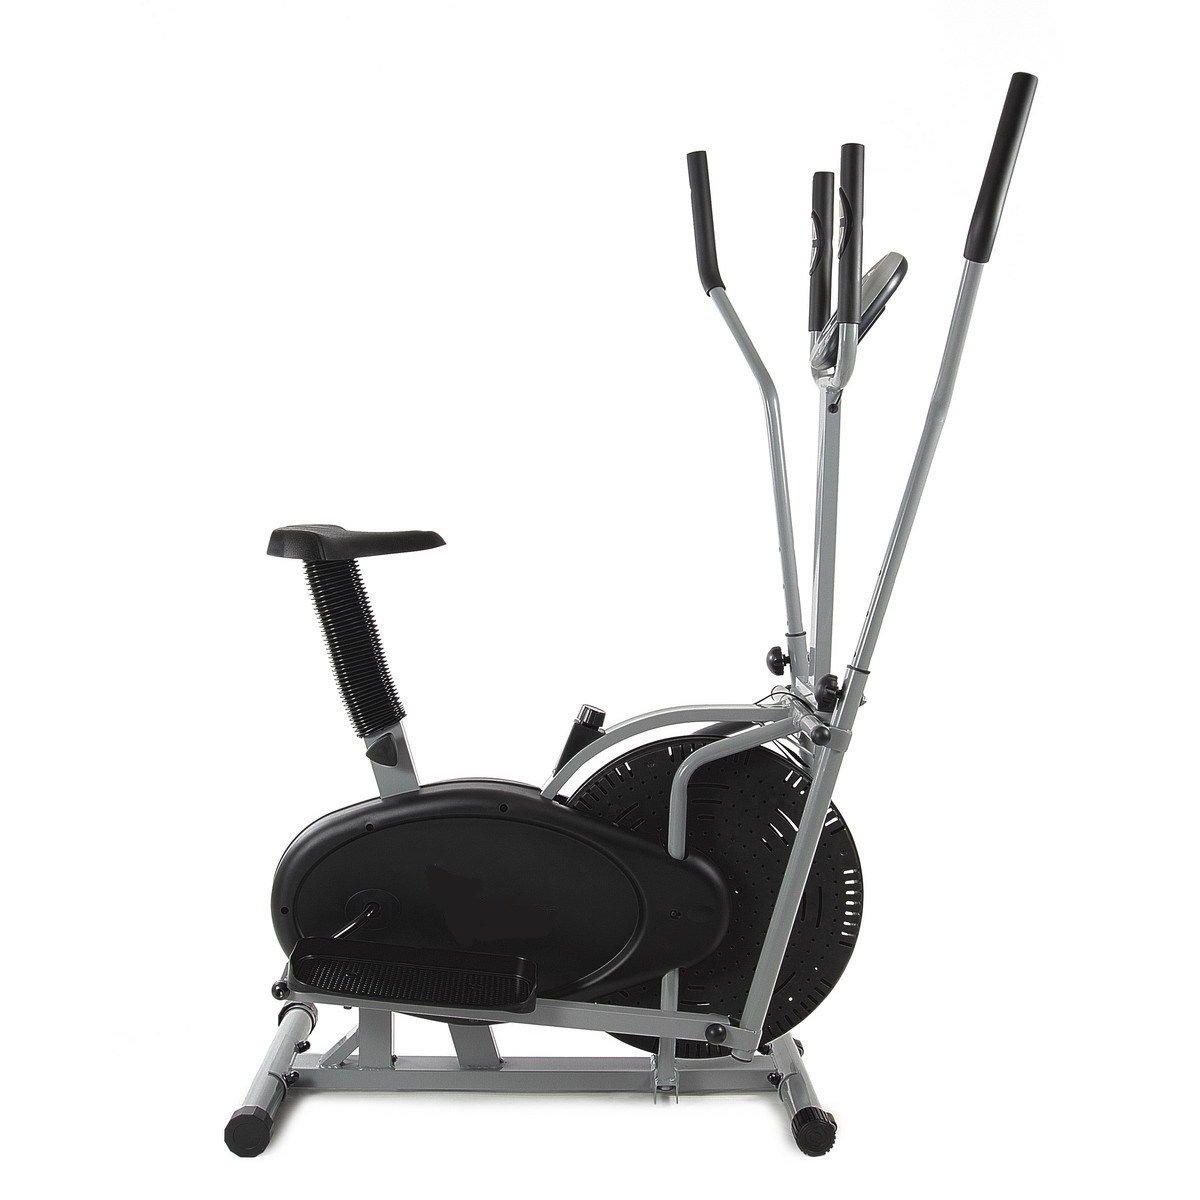 Bicicleta est/ática y el/íptica Cross Trainer dos en uno